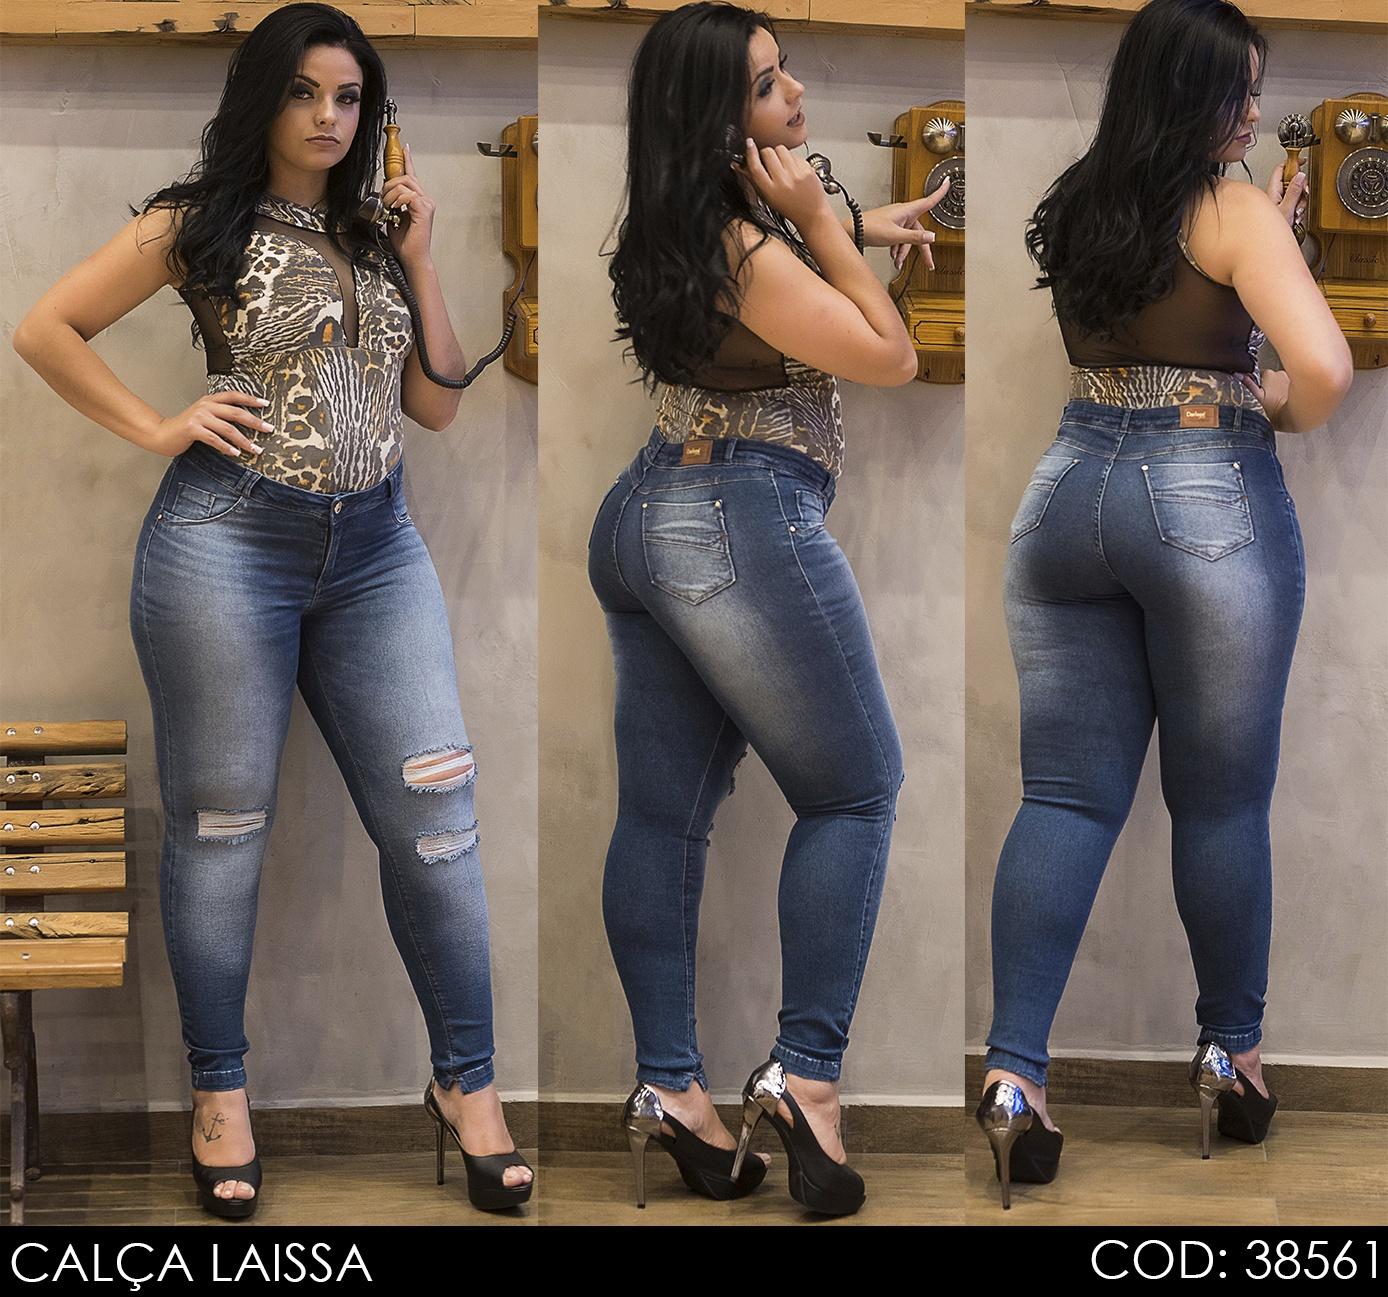 Calça Jeans Darlook Laissa [38561]